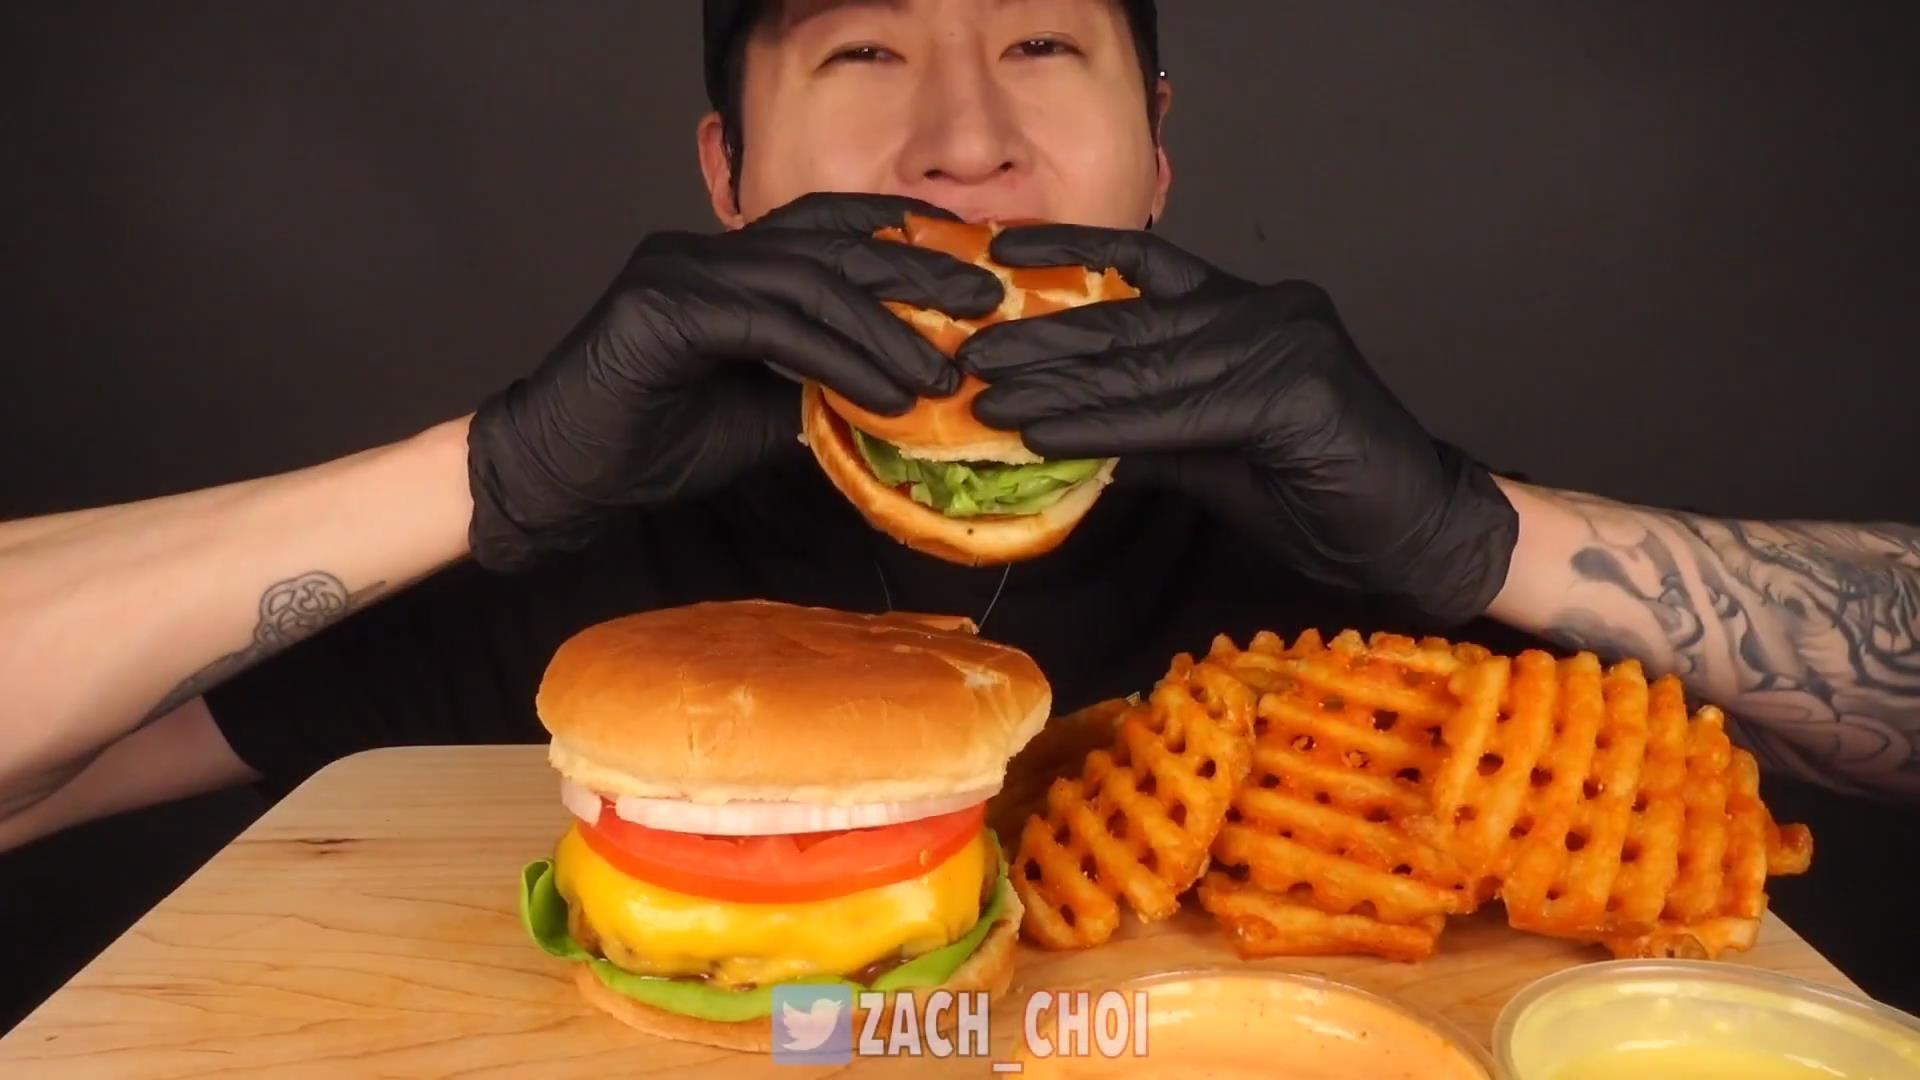 【Zach Choi】 芝士牛肉汉堡+炸薯格